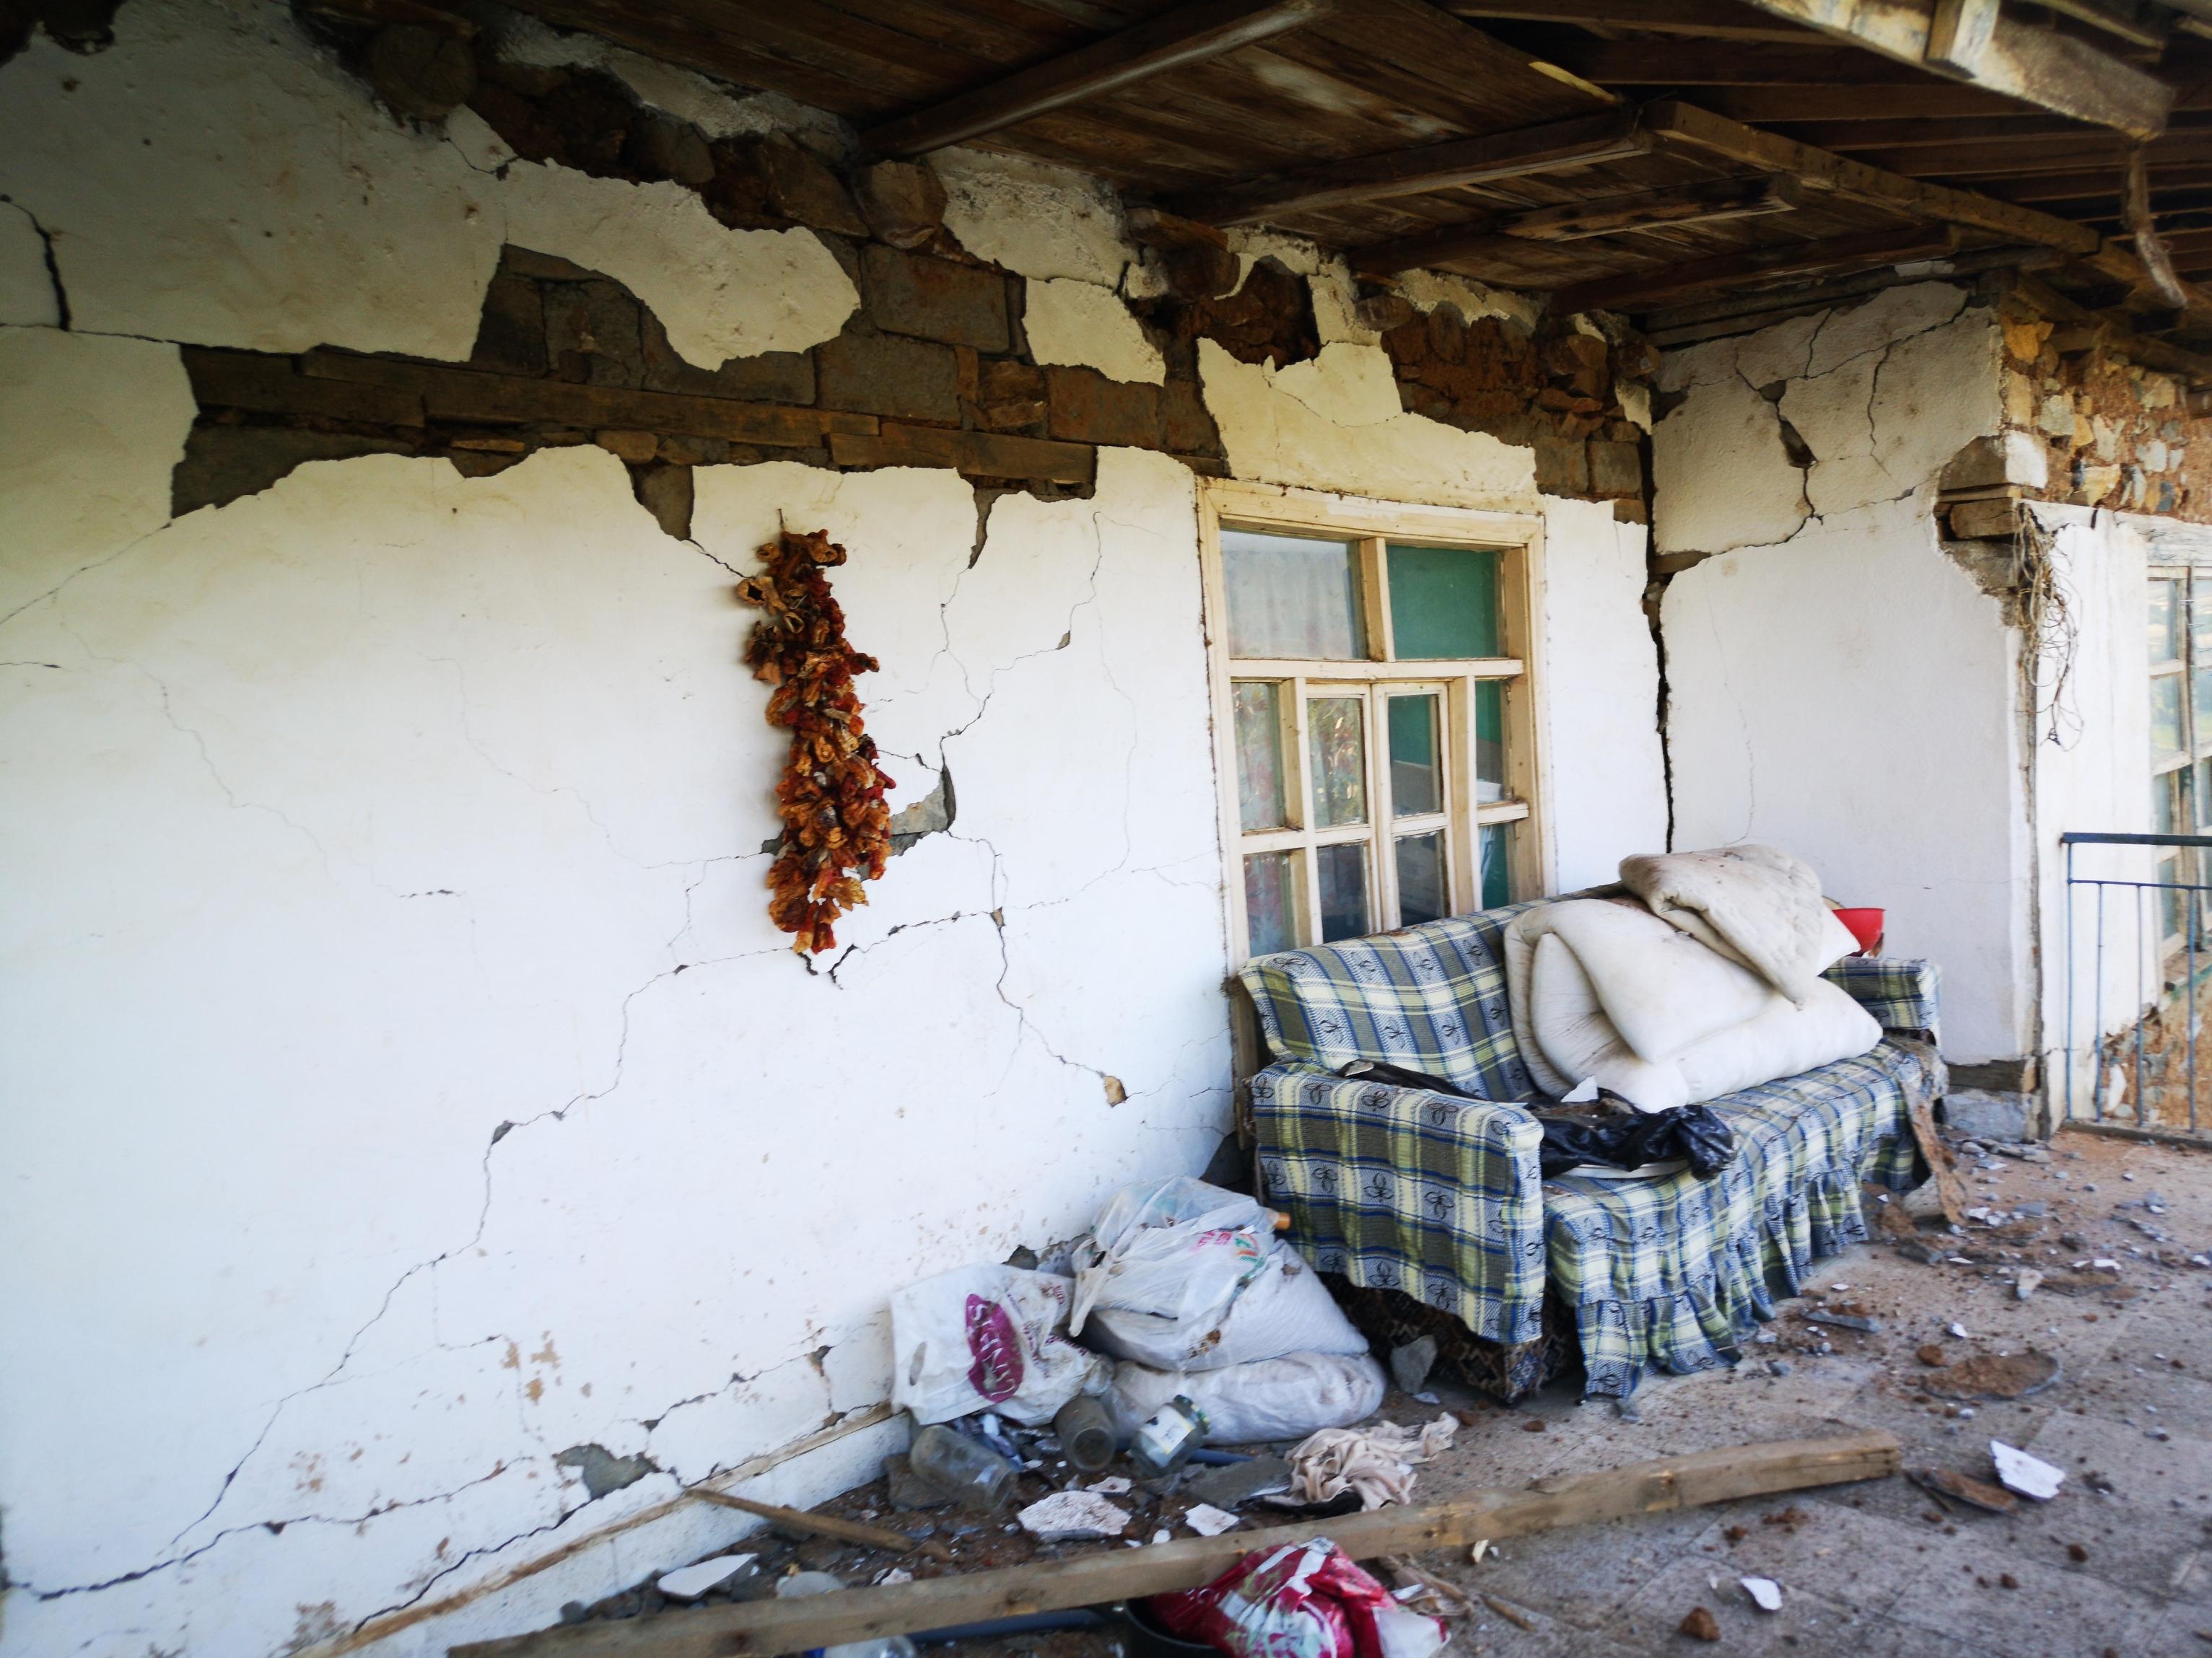 5-2lik-depremden-sonra-malatyada-derin-yariklar-olustu-6885-dhaphoto11.jpg